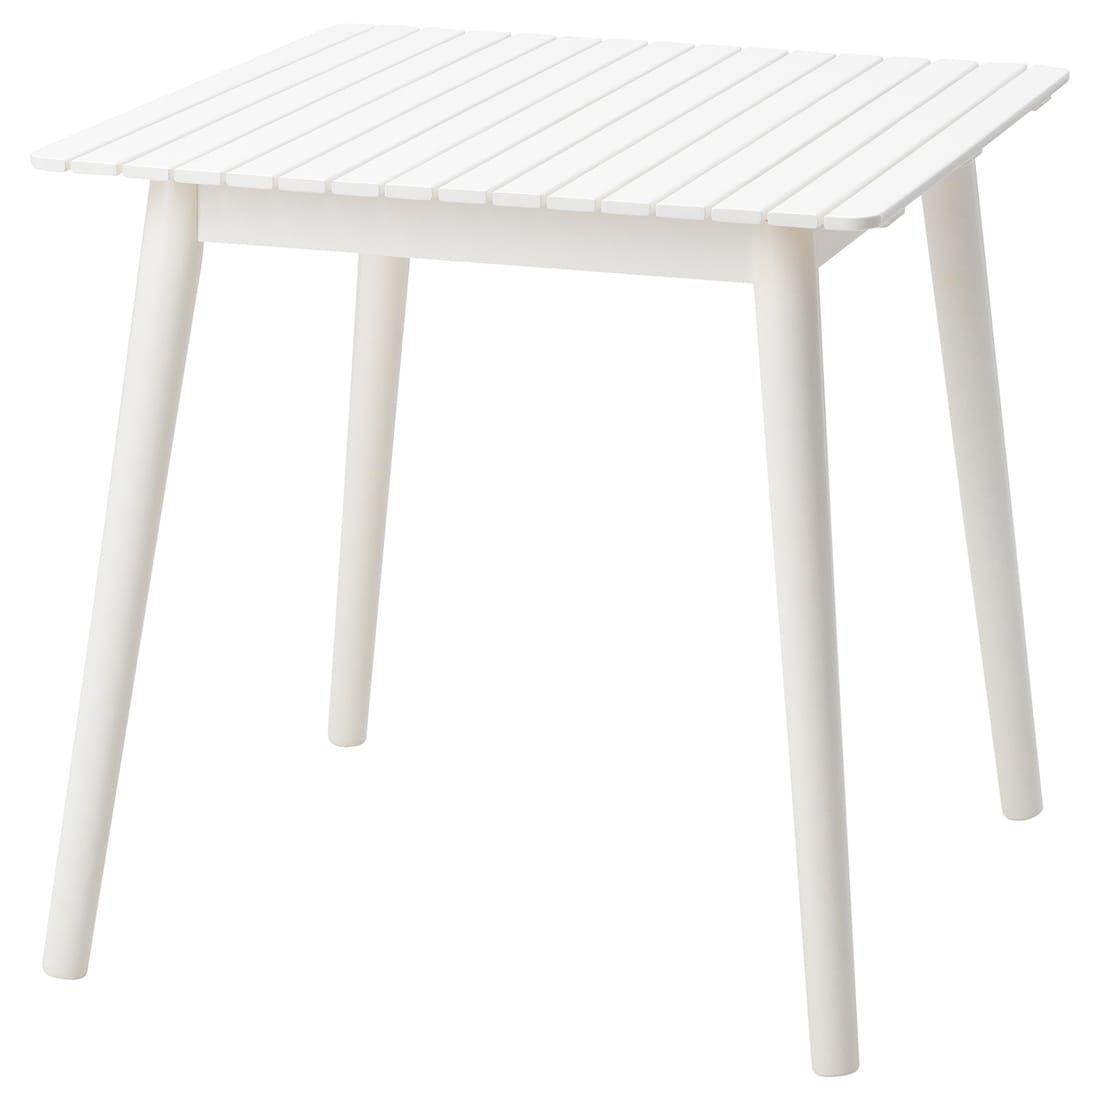 Full Size of Gartentisch Ikea Hattholmen Tisch Auen Eukalyptus Betten Bei Küche Kaufen Miniküche Sofa Mit Schlaffunktion 160x200 Kosten Modulküche Wohnzimmer Gartentisch Ikea